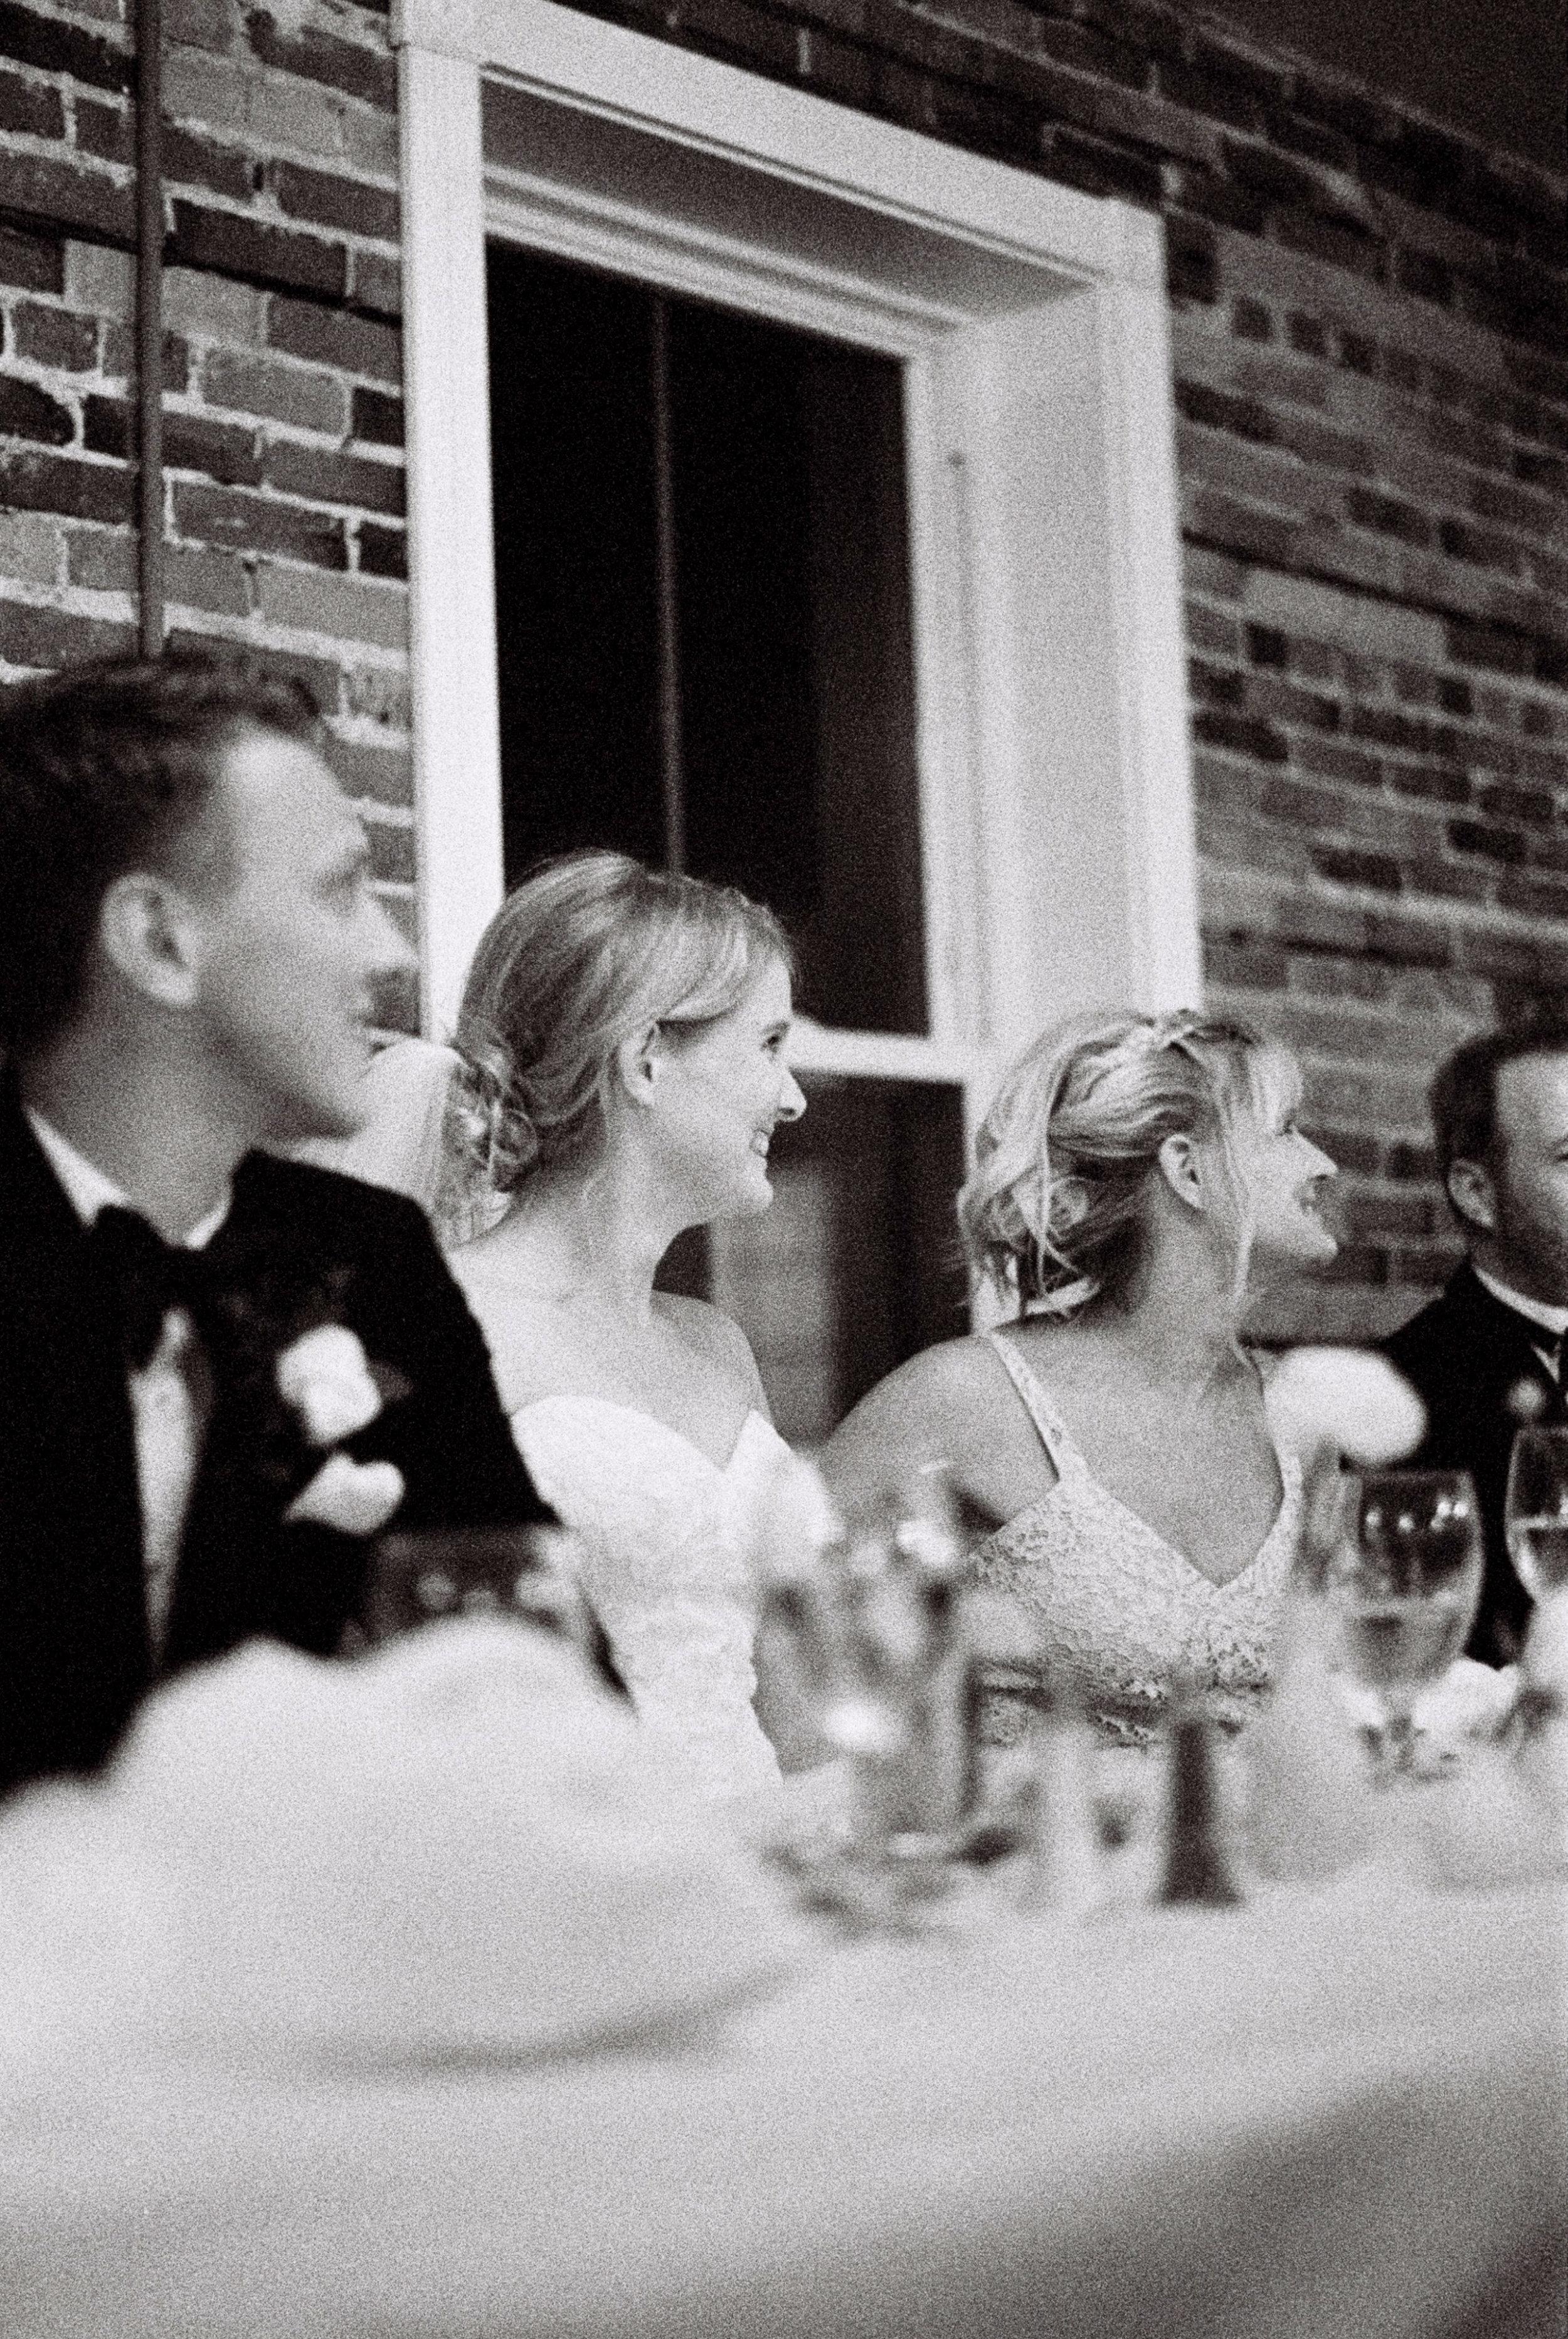 Emily&Fredrik_juliecate-629.jpg